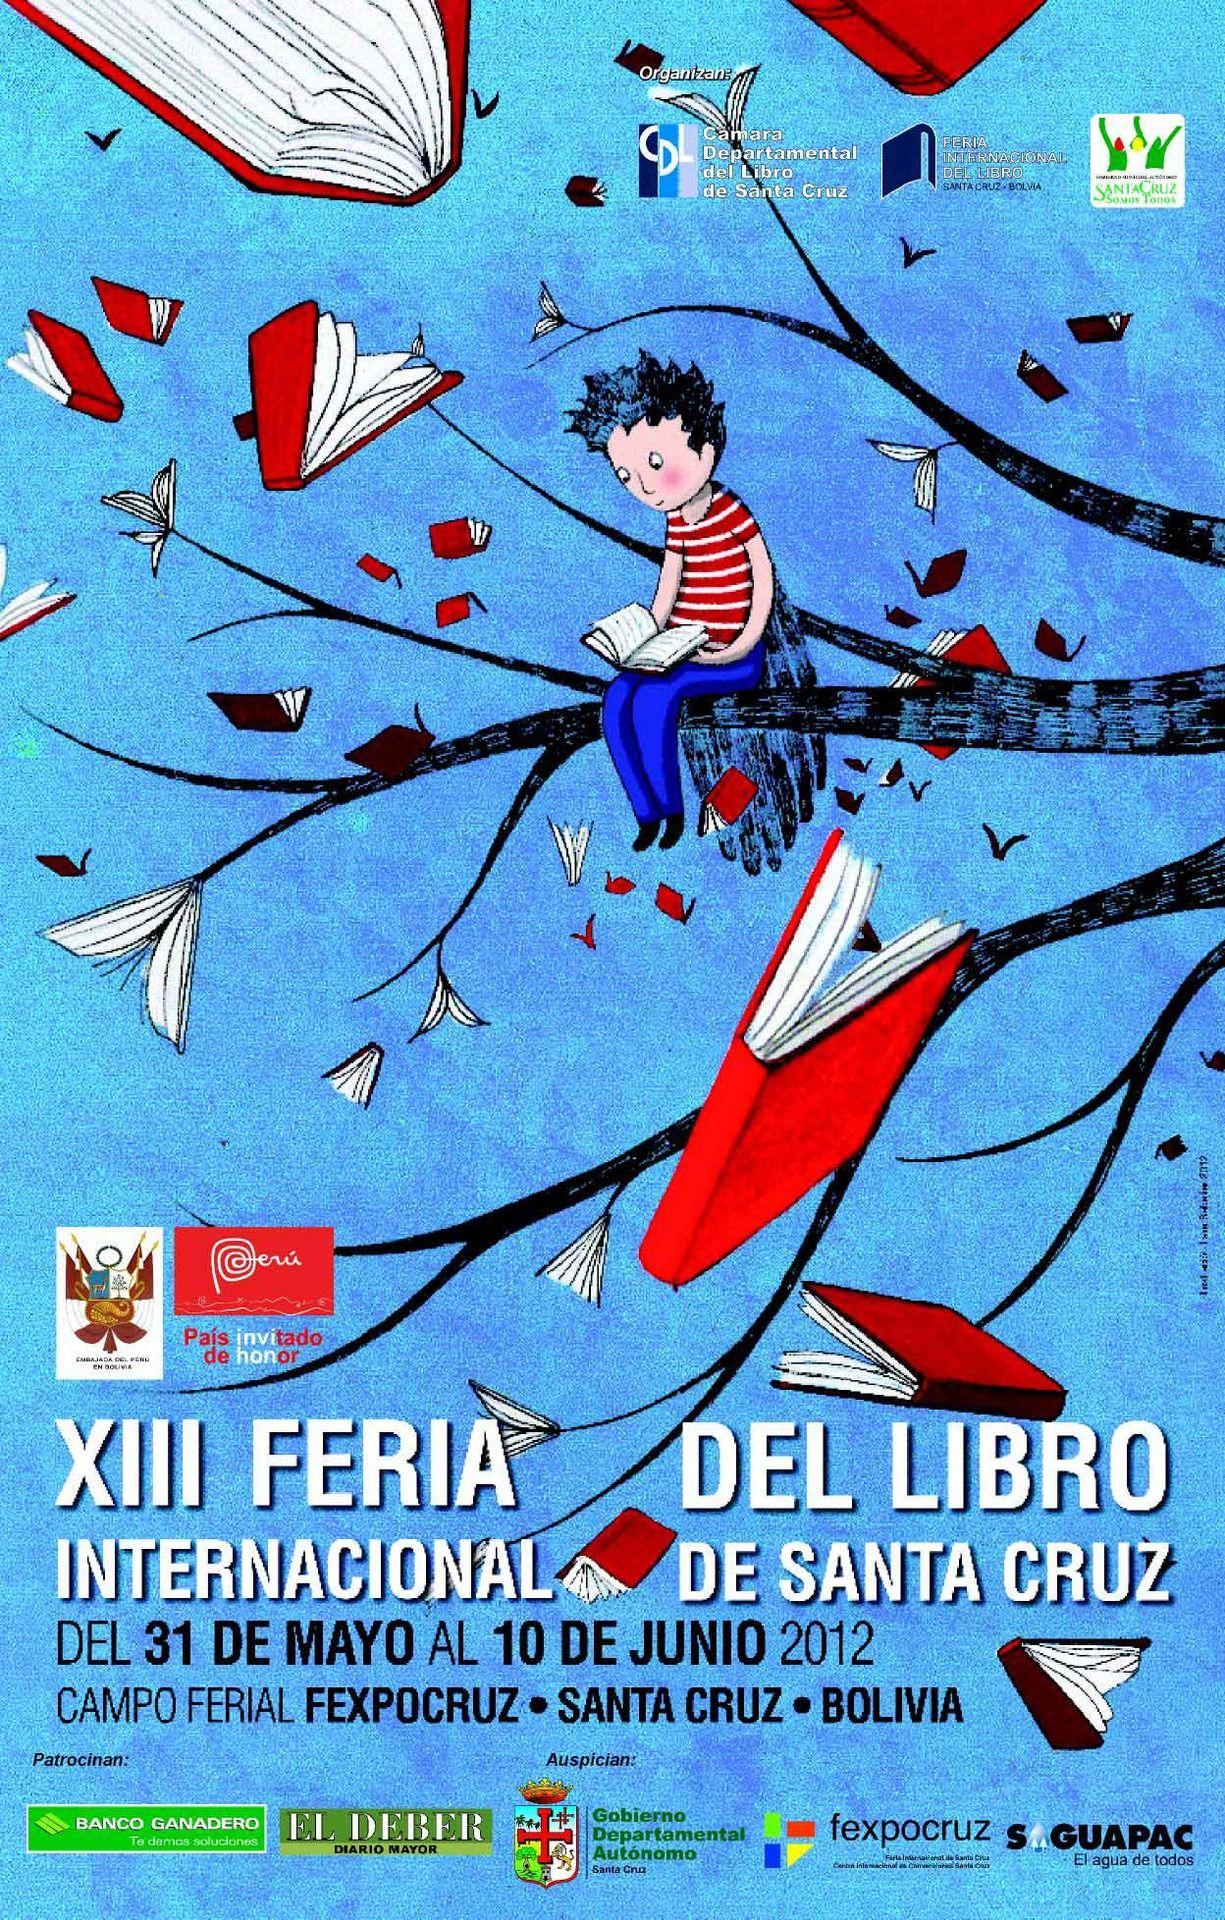 XIII Feria Internacional del Libro de Santa Cruz